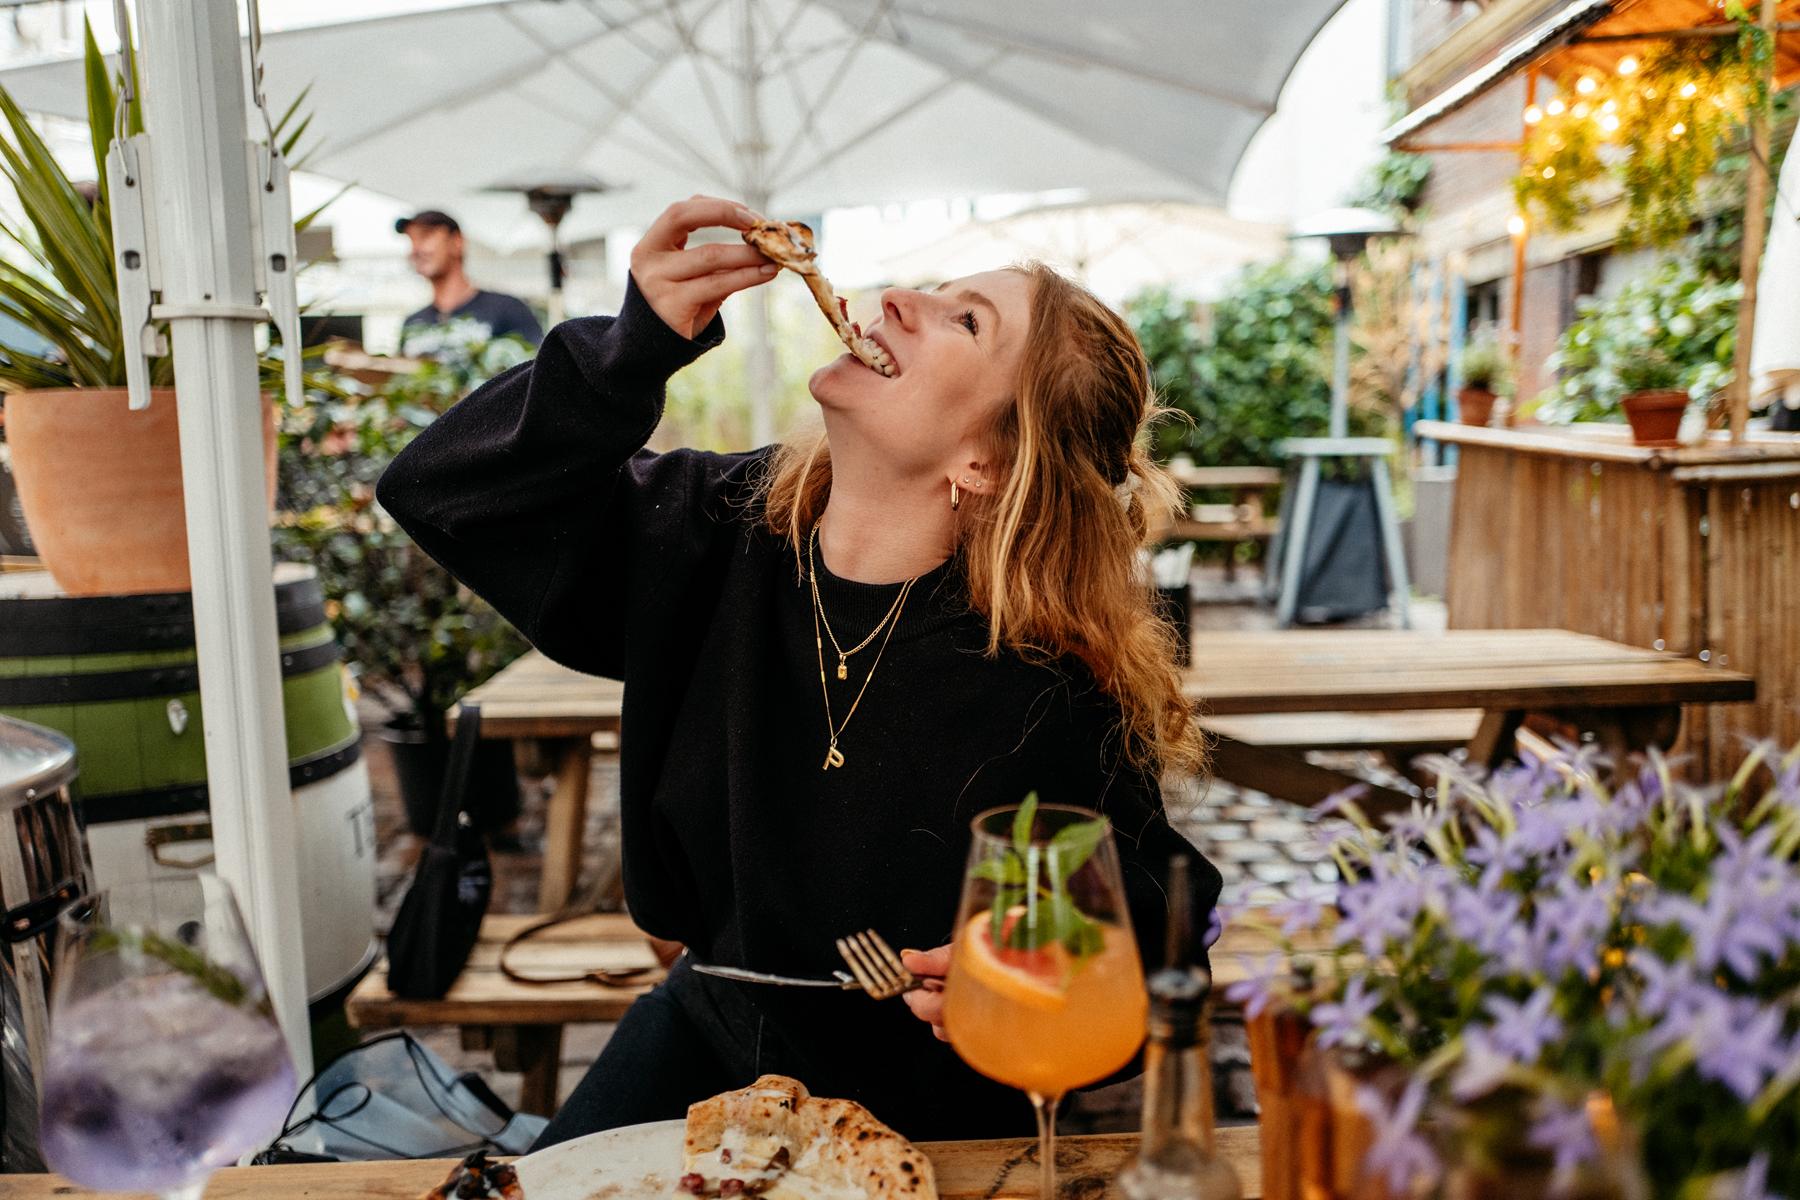 Geheimtipp Hamburg Sternschanze Restaurant Jills Dahlina Sophie Kock 048